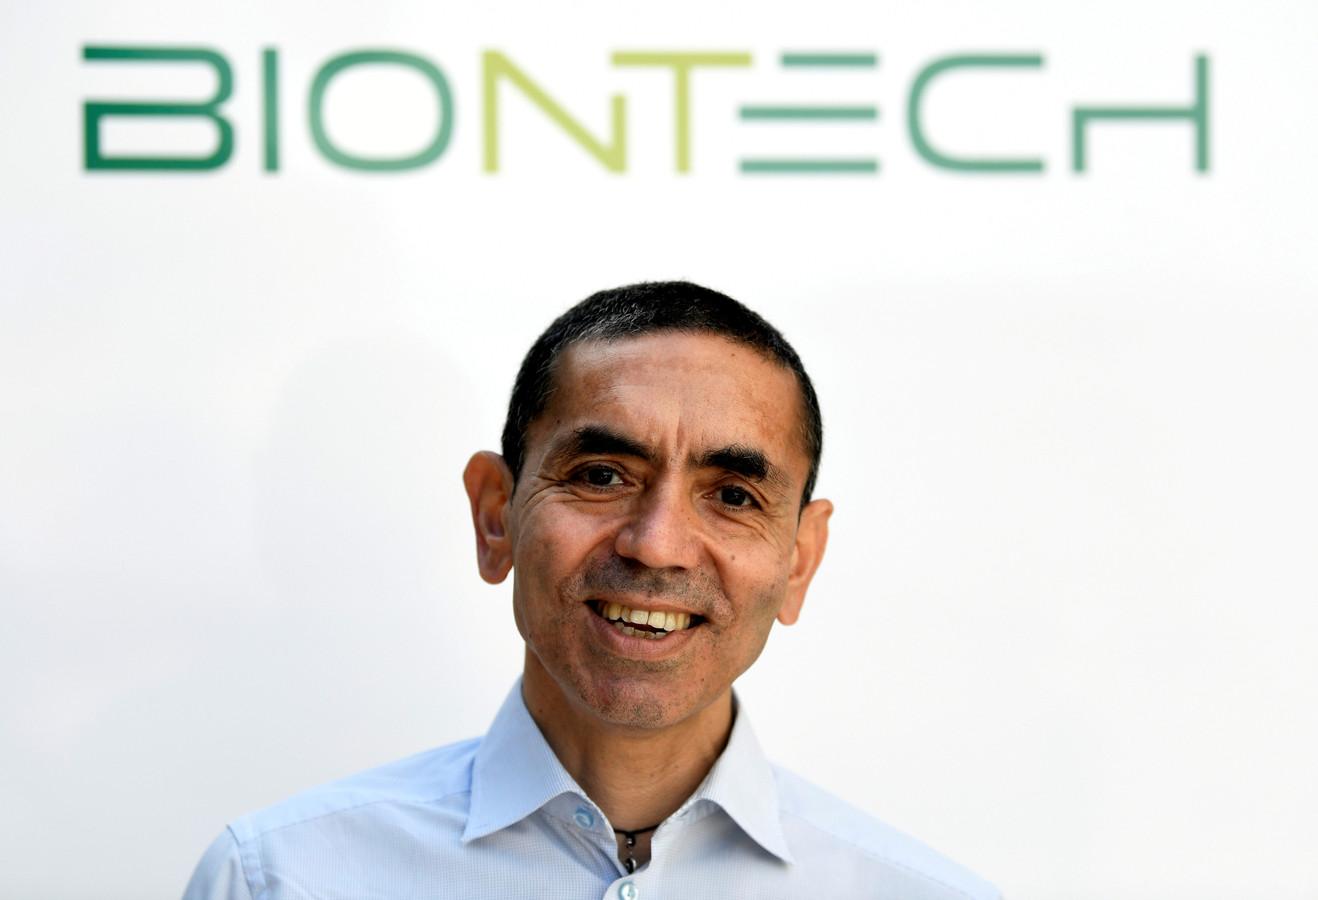 Ugur Sahin, CEO et co-fondateur de l'entreprise allemande de biotechnologie, BioNTech